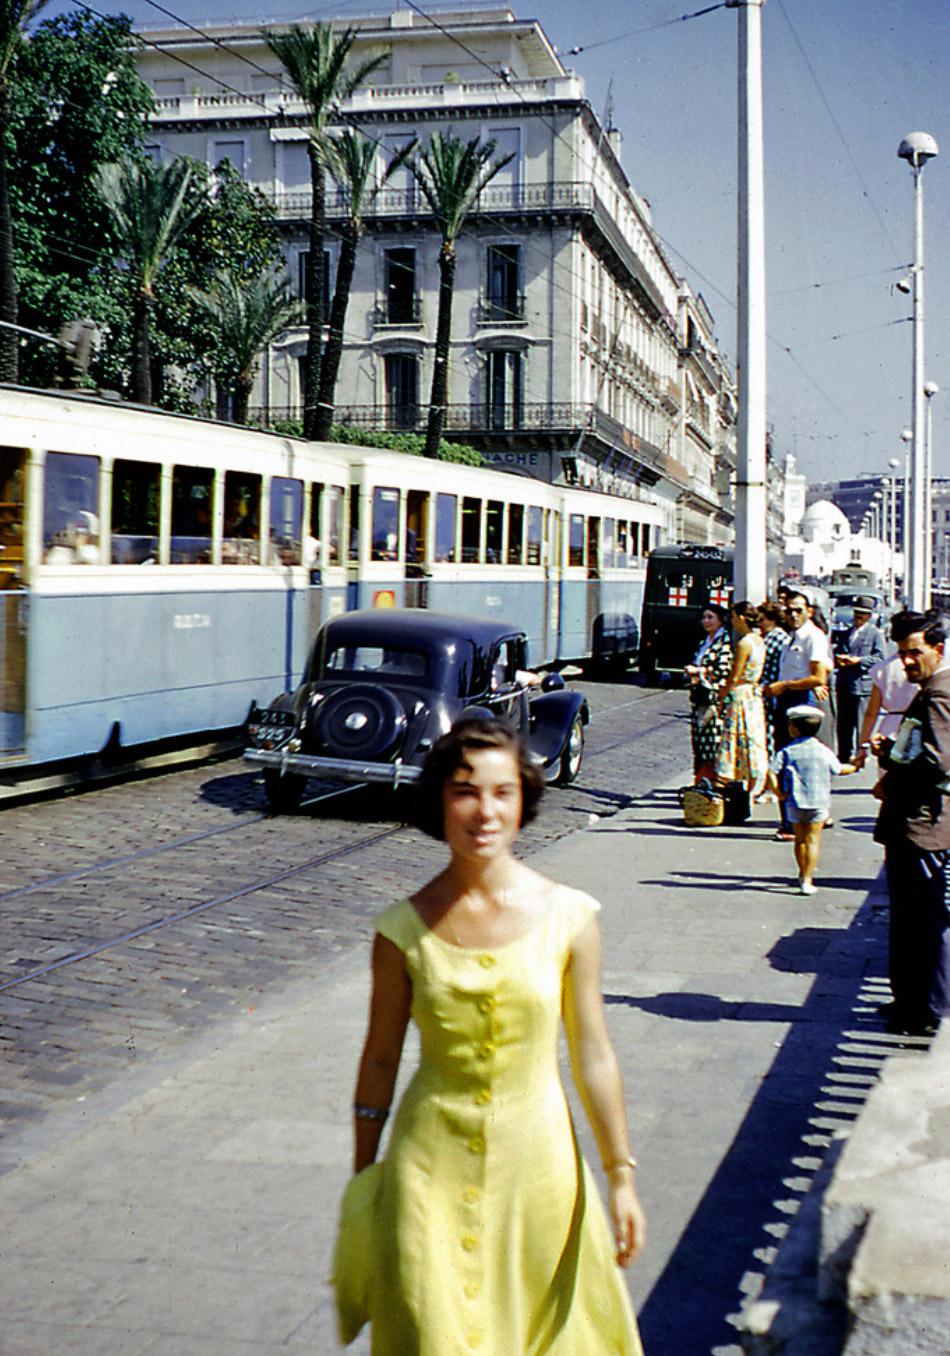 3. Послевоенная Европа к 1954-м уже успела восстановить свою экономику, но следы былых разрушен